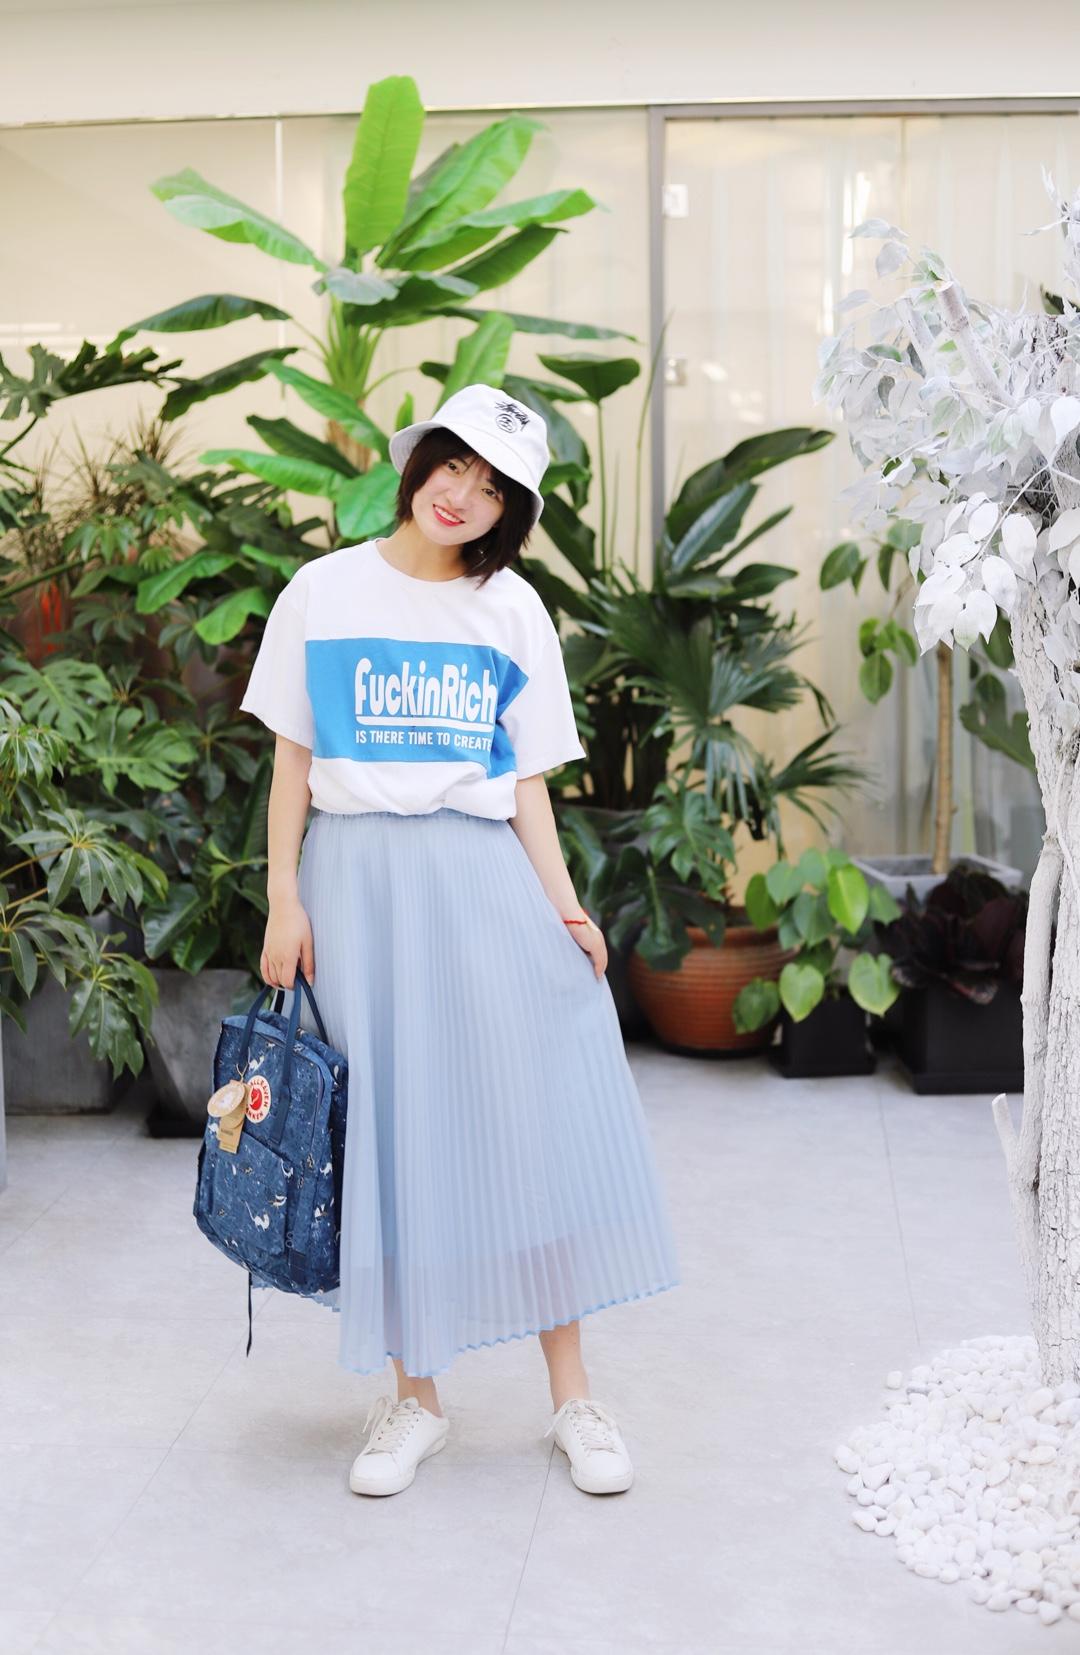 上身是一件白色蓝色印花短袖 下身是一条蓝色百褶裙 搭配一双白色帆布鞋 戴上一顶白色的渔夫帽 拎上一个蓝色的书包 这样一身颜色就很好看啦 #夏天就要做个甜到冒泡girl#